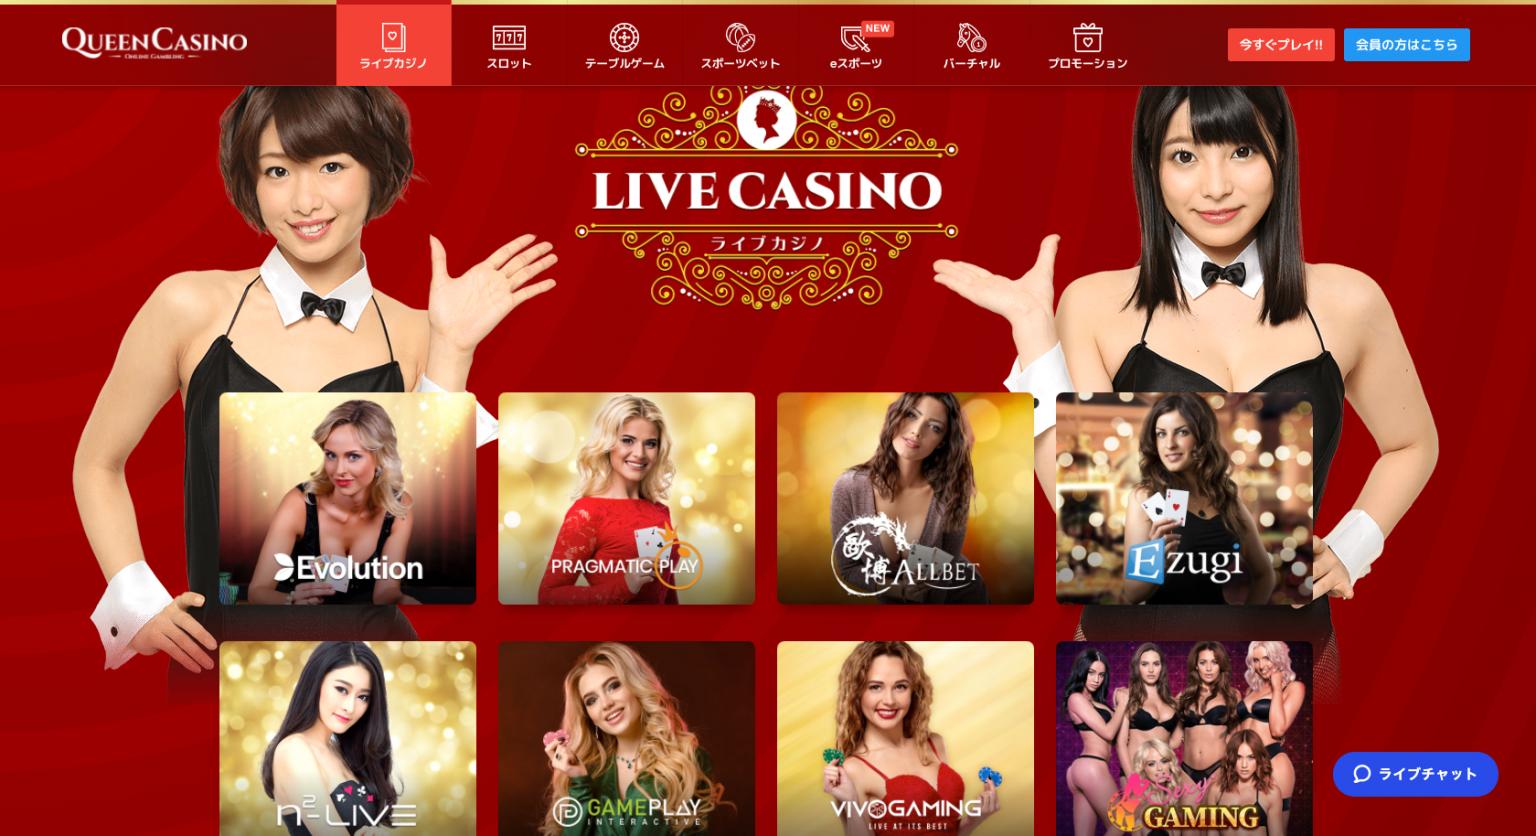 大人気のライブカジノについてご紹介